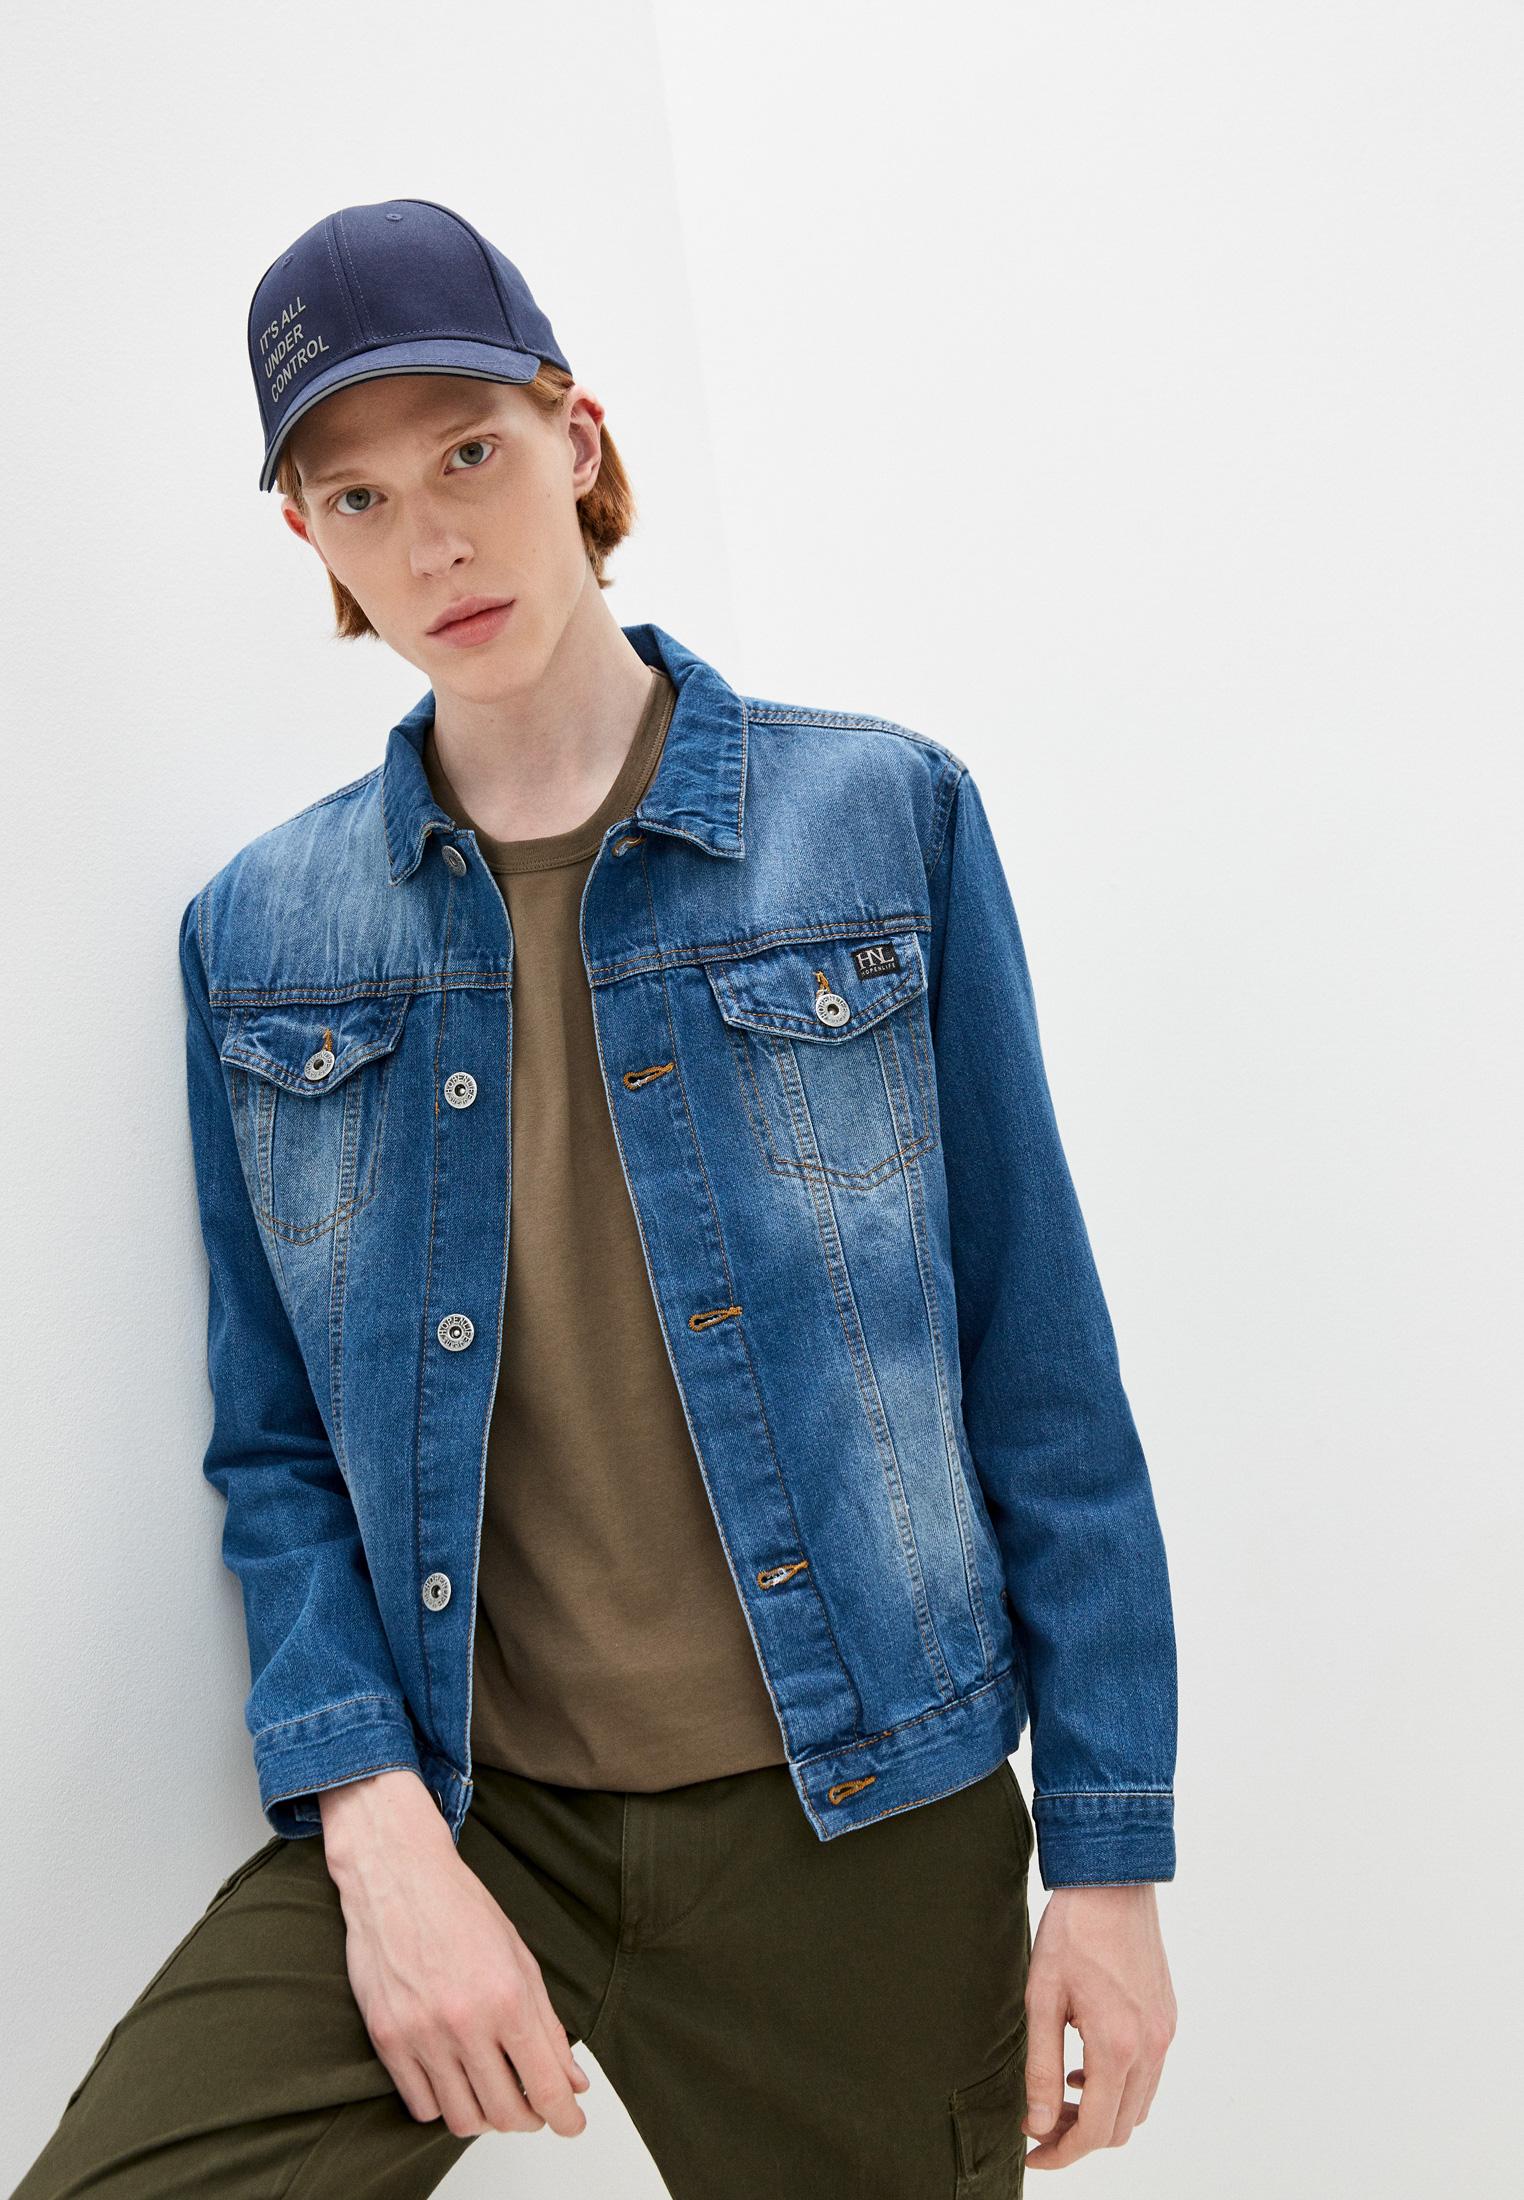 Джинсовая куртка Hopenlife Куртка джинсовая Hopenlife